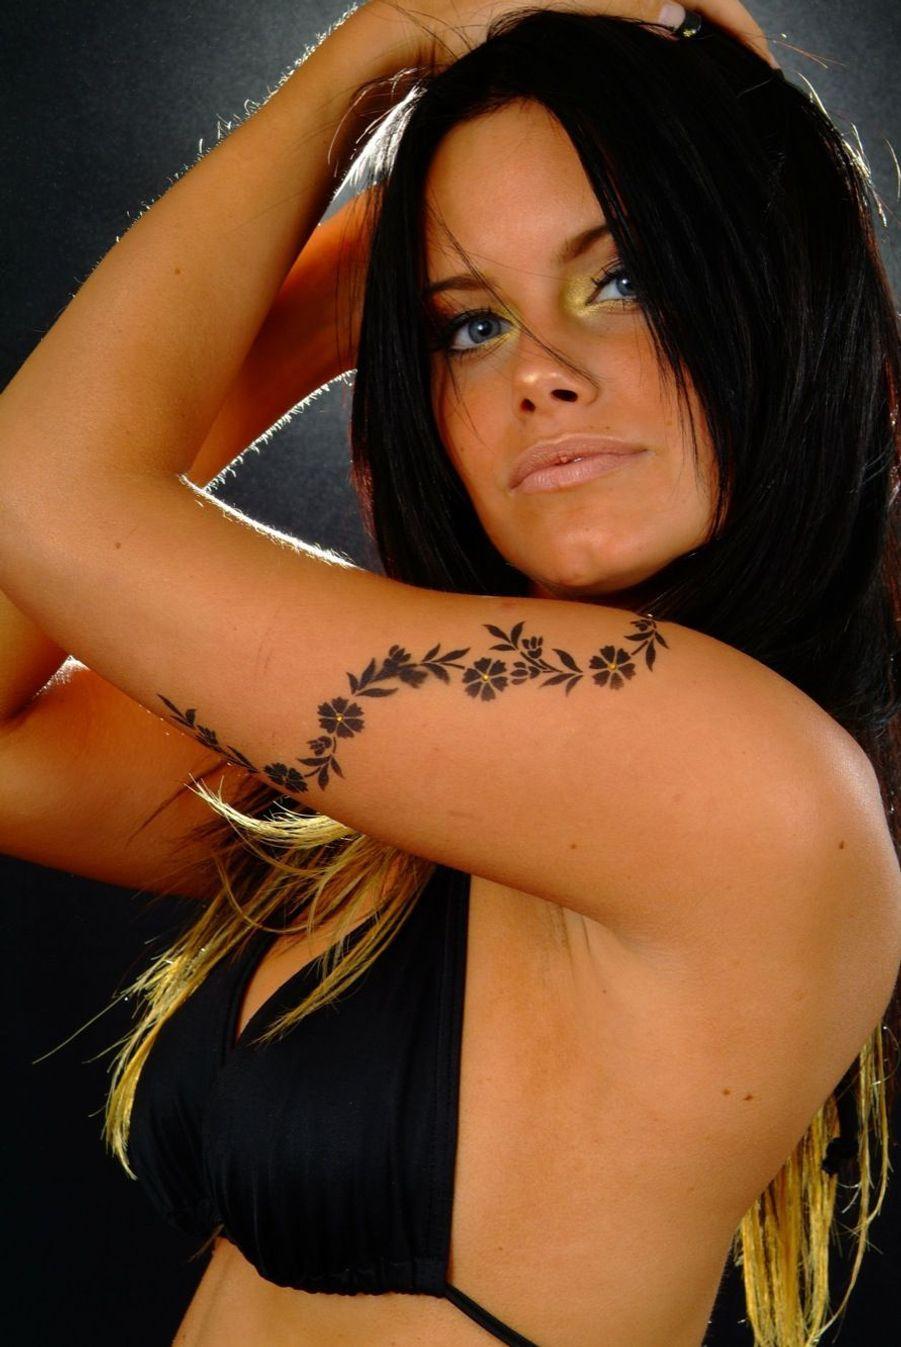 Séance photo sensuelle en 2010